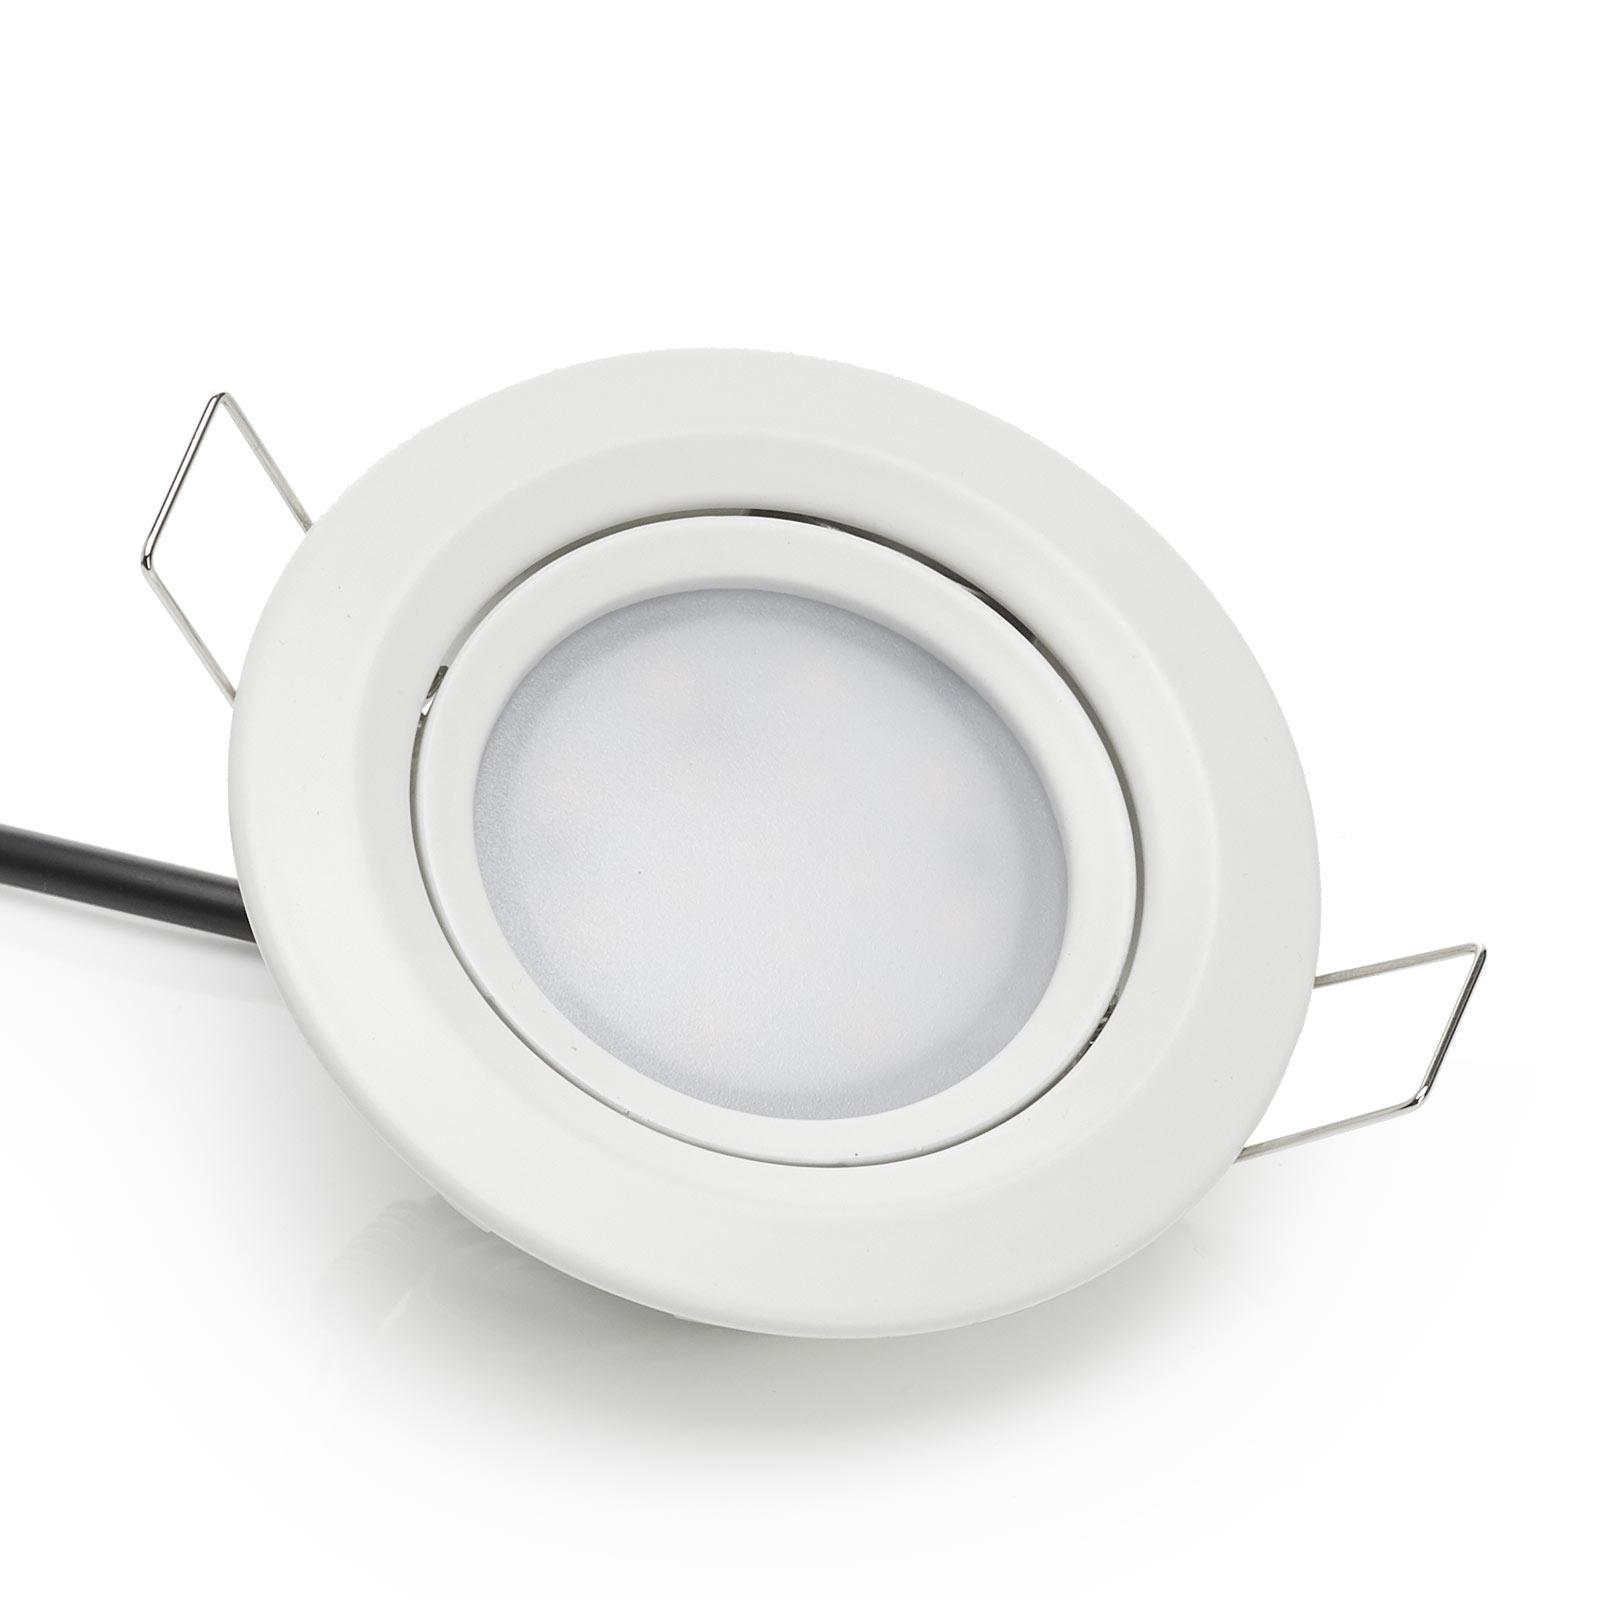 Paulmann Coin Slim LED-Einbauleuchte IP44 3er weiß